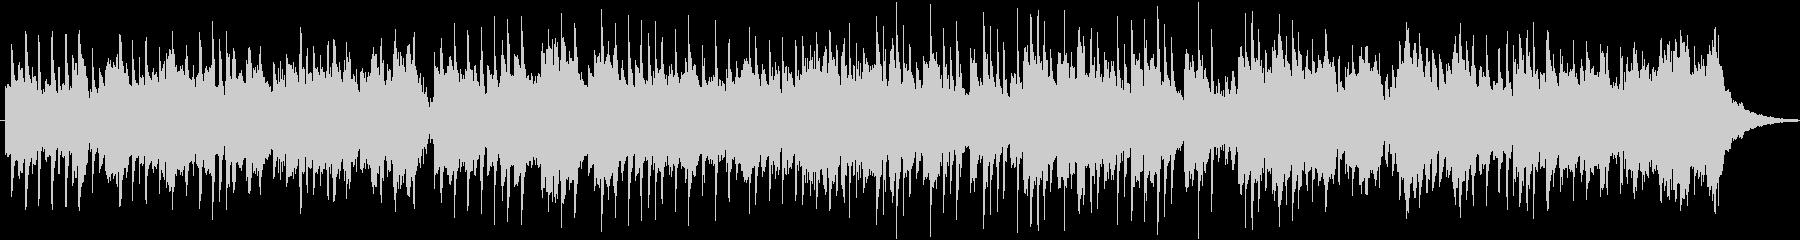 暖かいアルペジオ主体の曲の未再生の波形